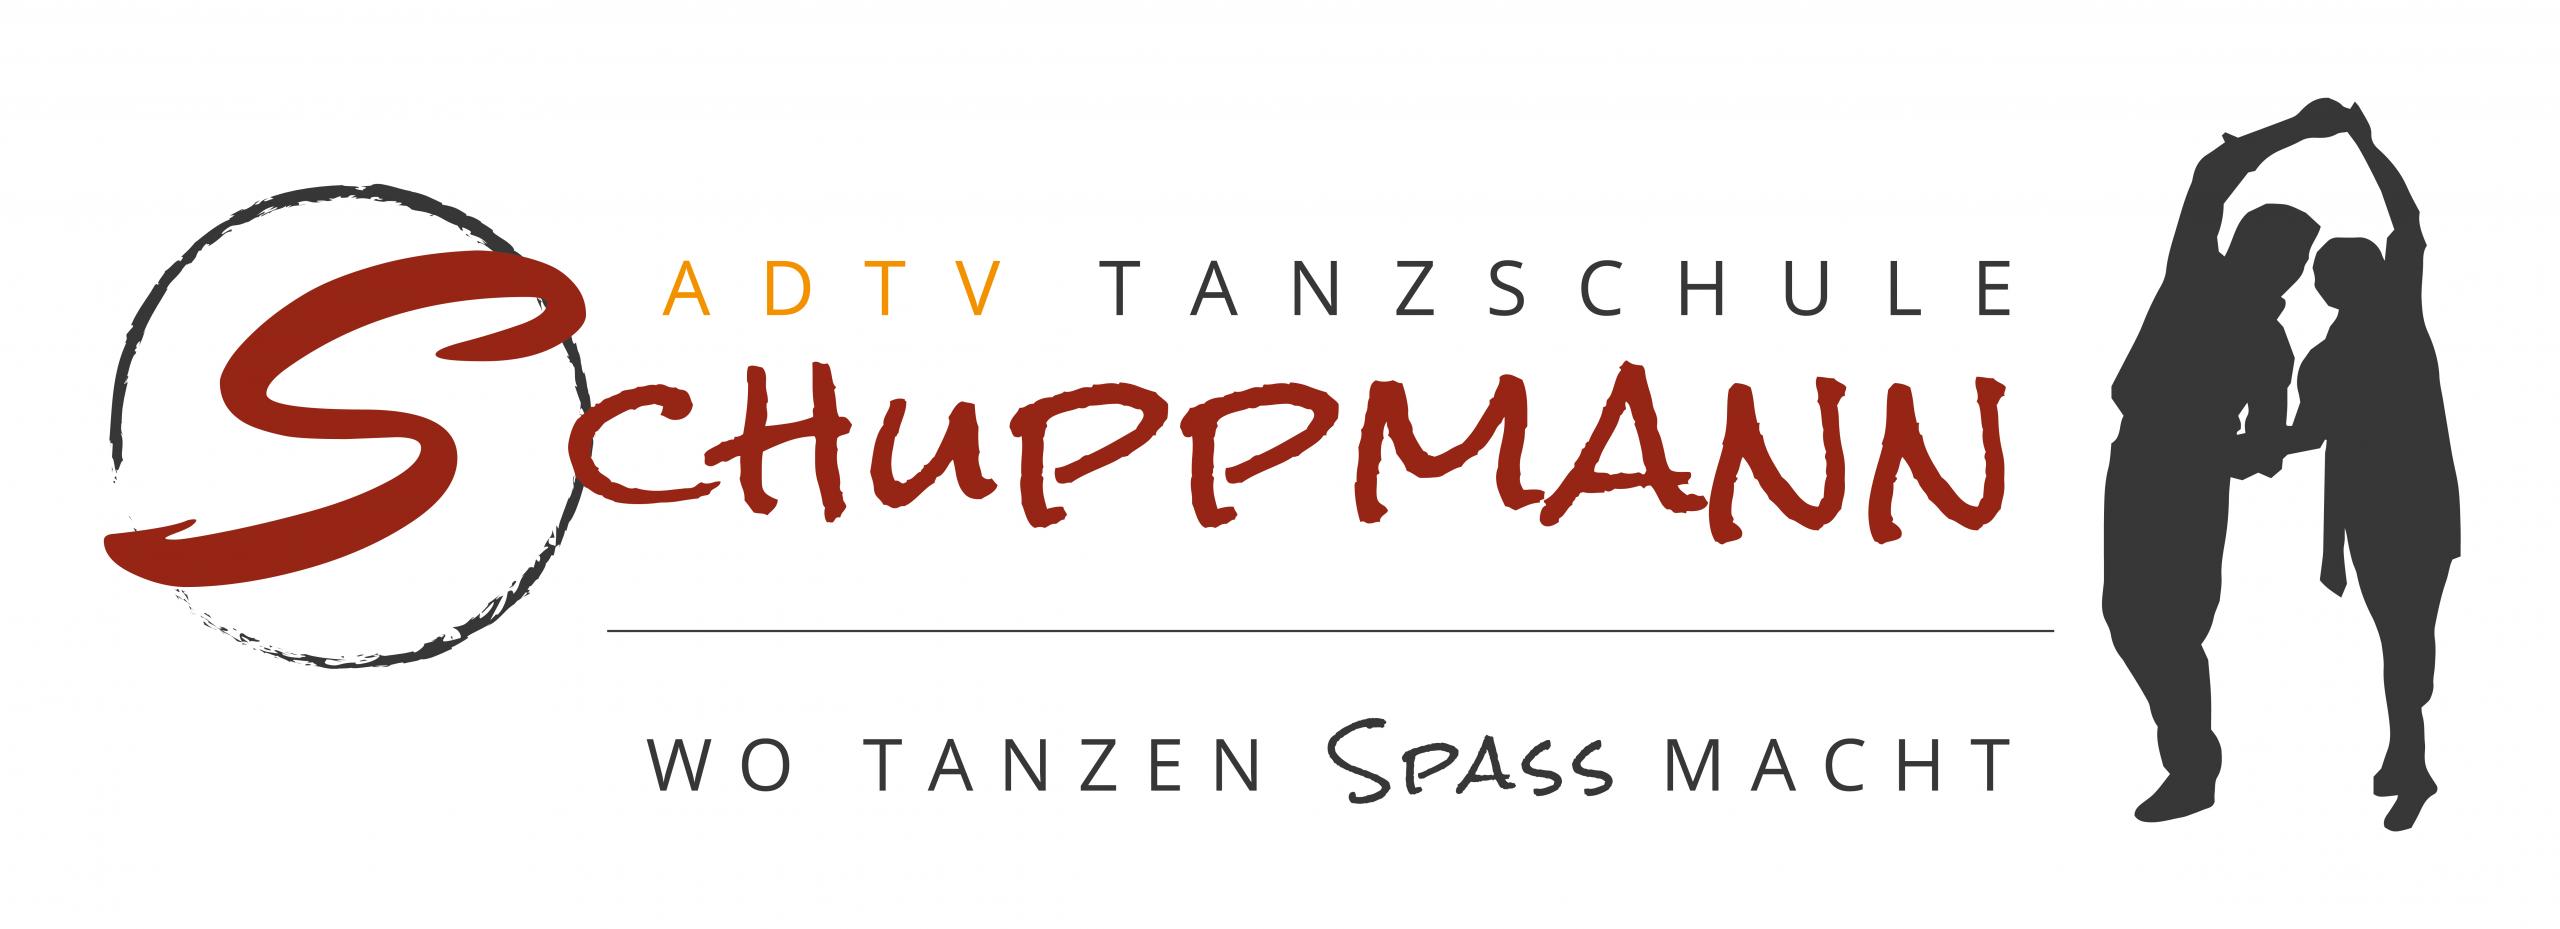 Logo-Redesign für die Tanzschule Schuppmann aus Alfeld